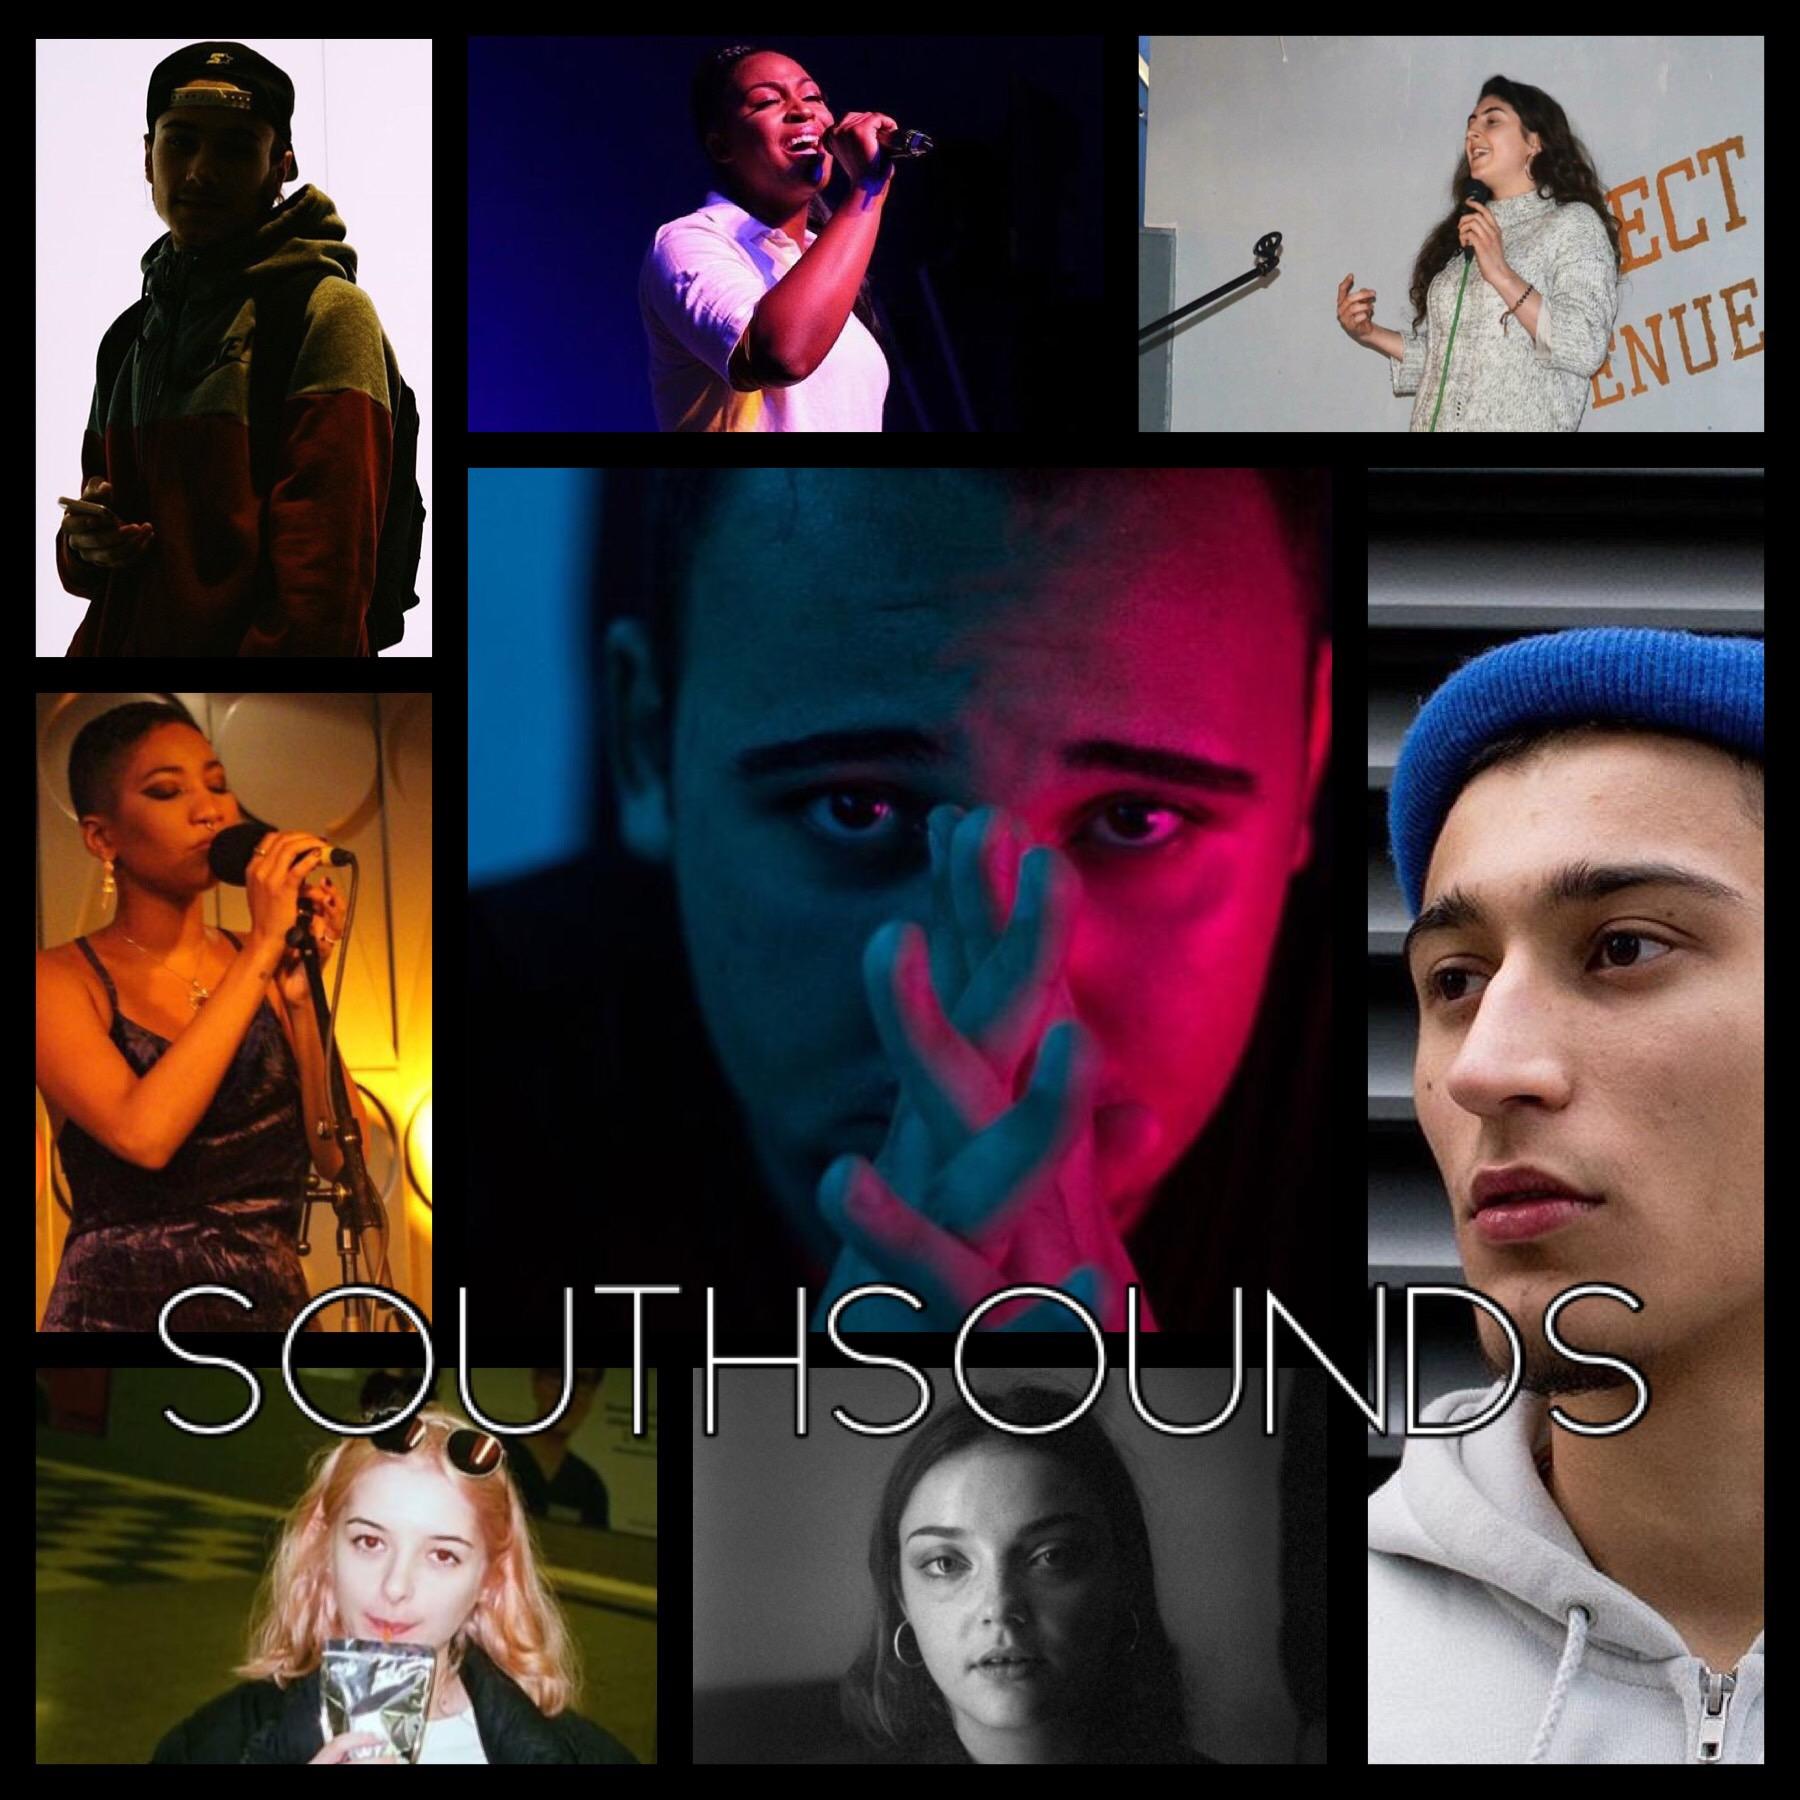 southsounds.JPG